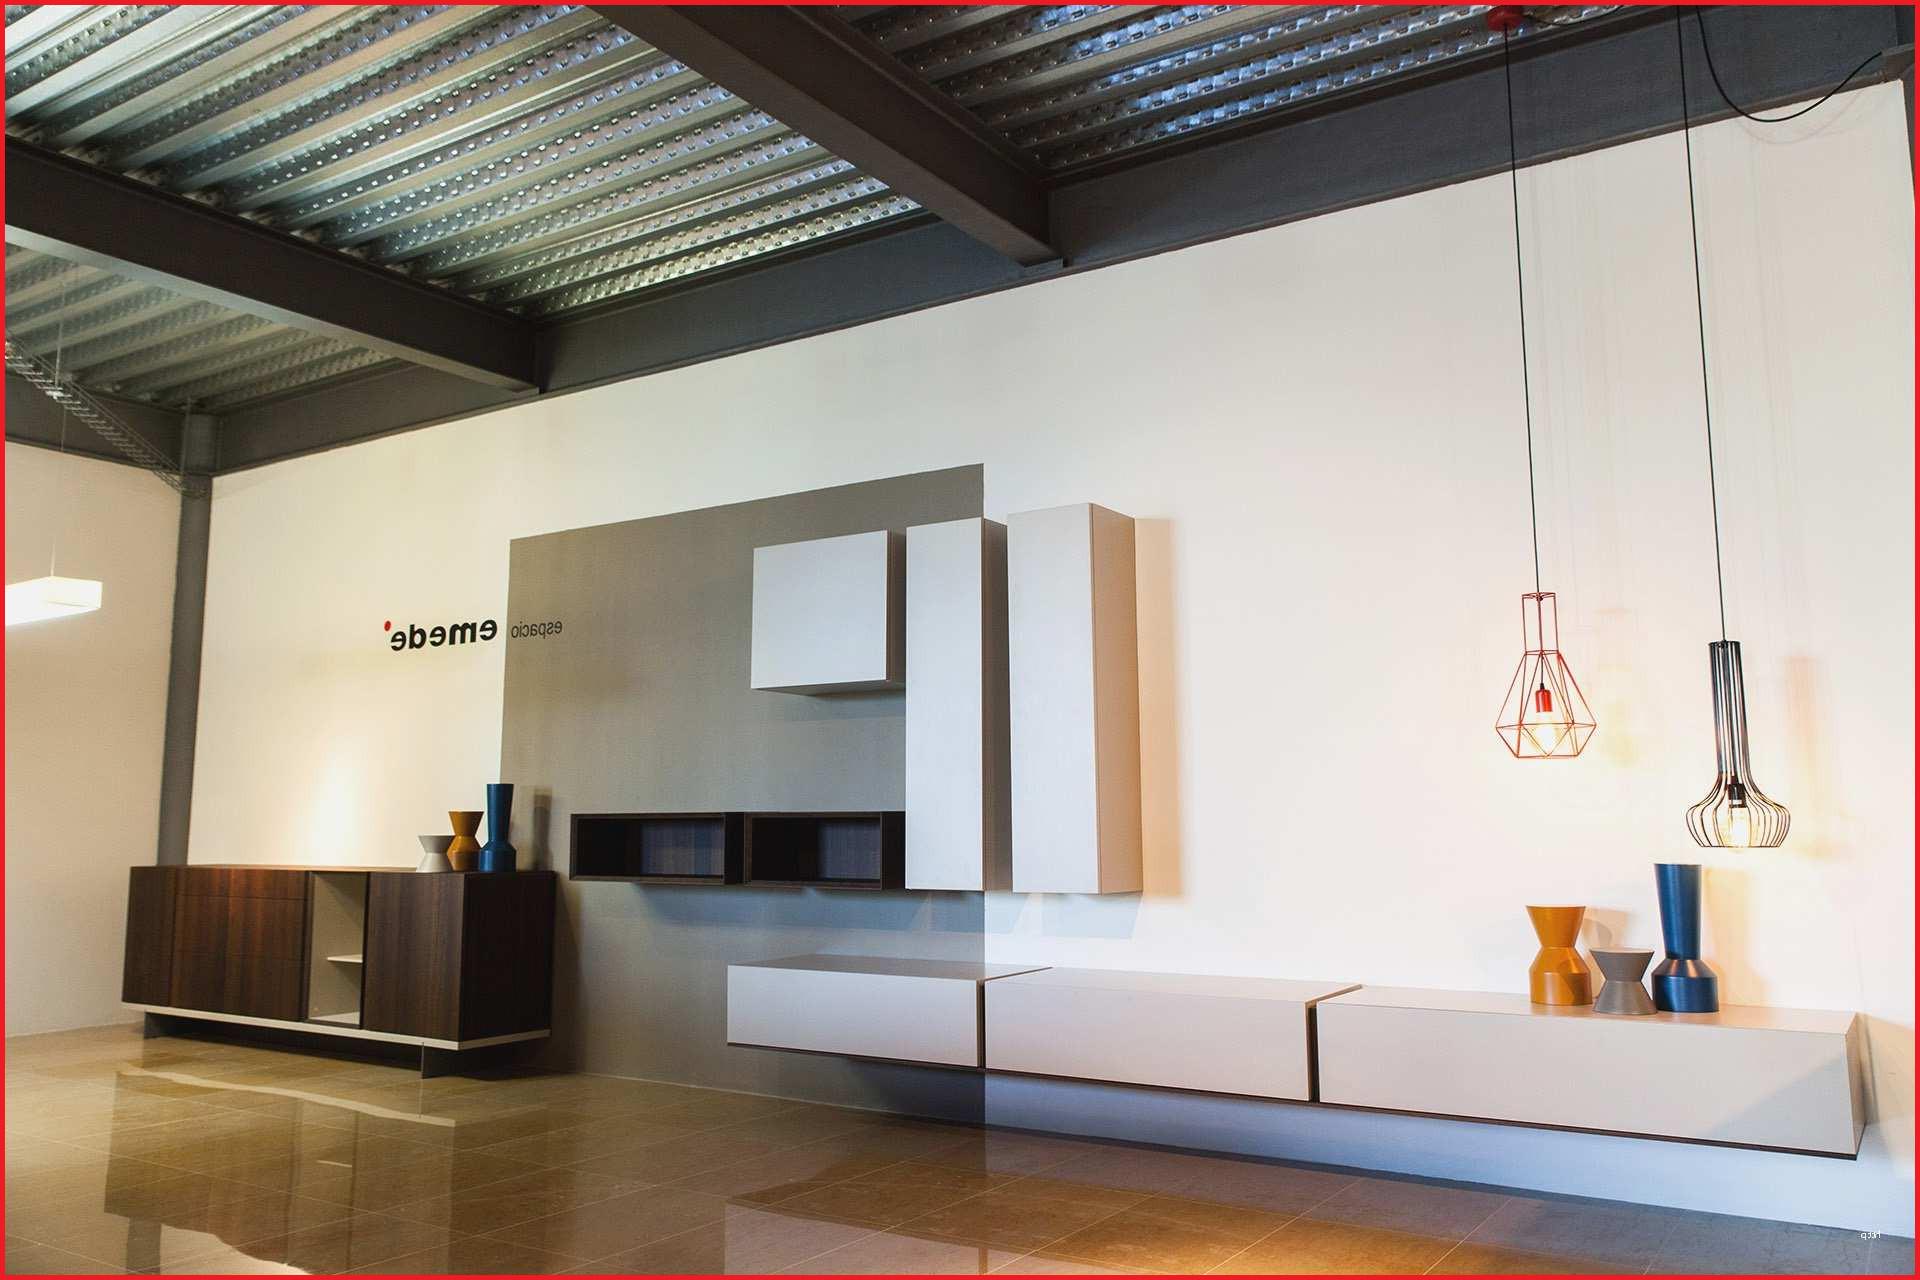 Tiendas De Muebles En Tarragona Nkde Tienda De Muebles Tarragona ºnico Tienda De Muebles Y